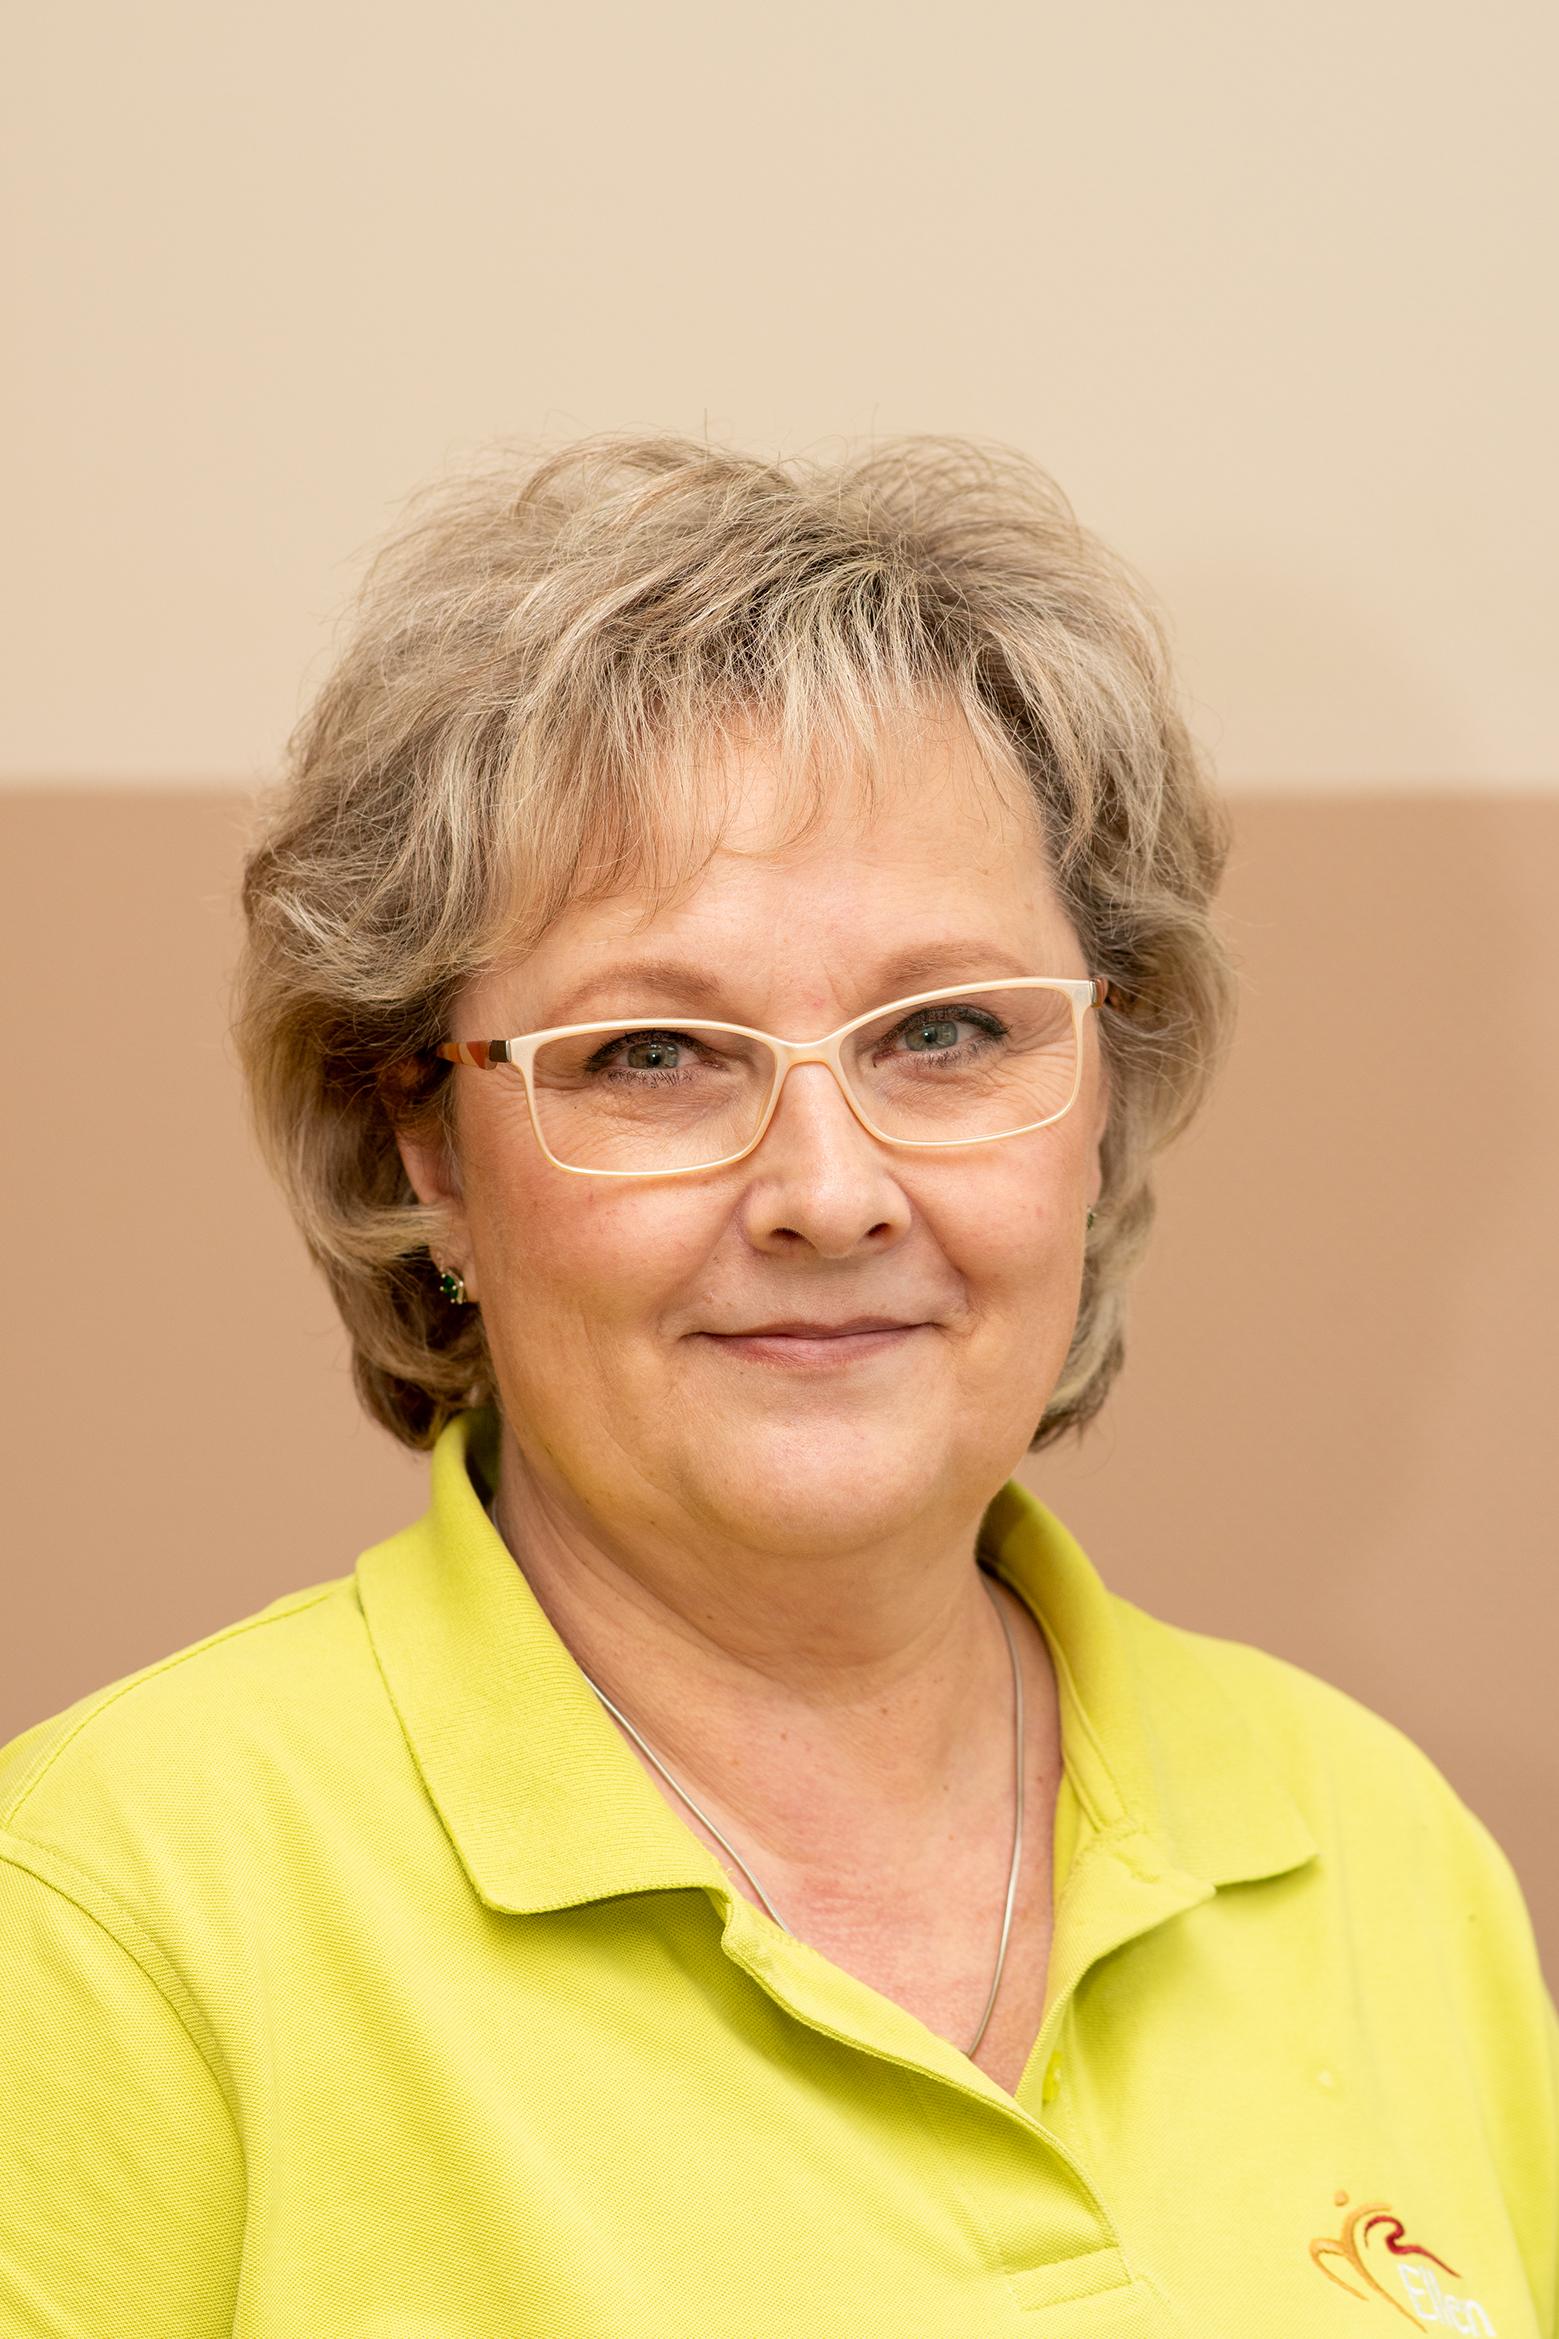 Ellen Erhardt